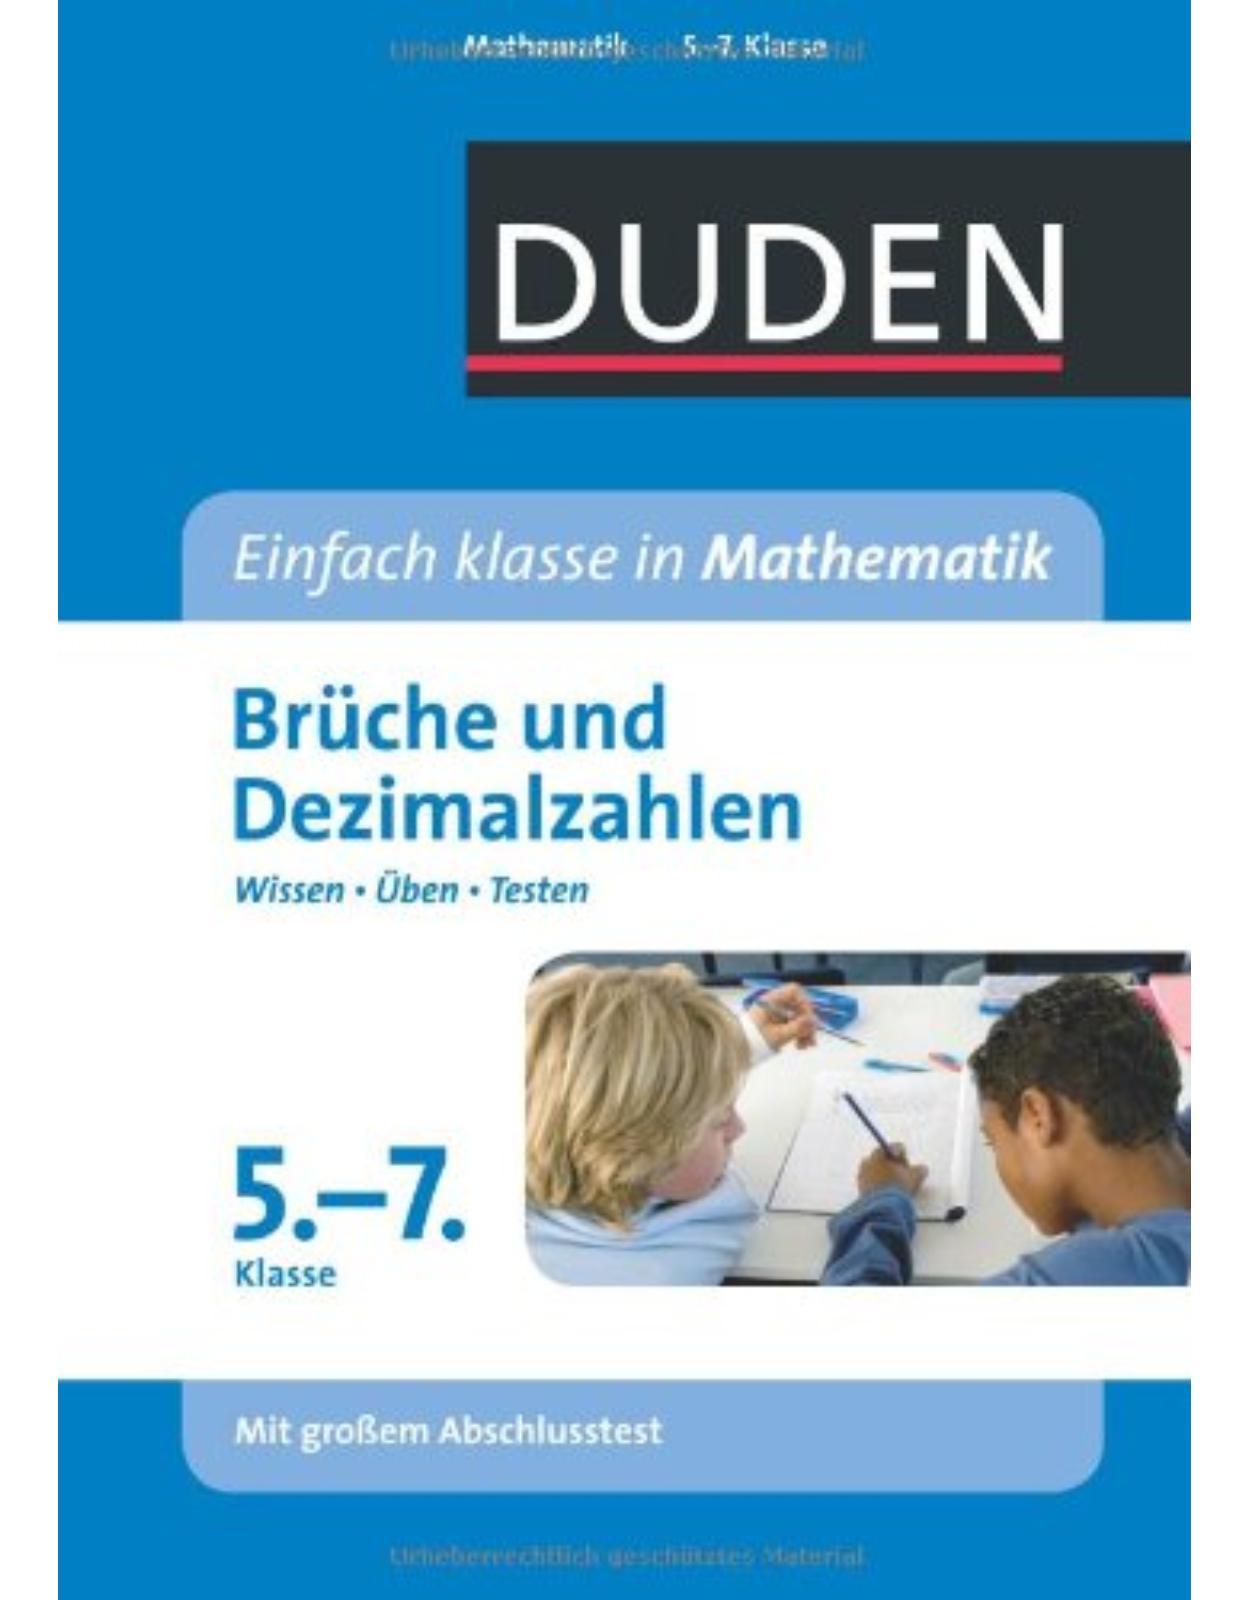 Duden Einfach klasse in Mathematik. Brüche und Dezimalzahlen 5.- 7. Klasse: Wissen - Üben -Testen